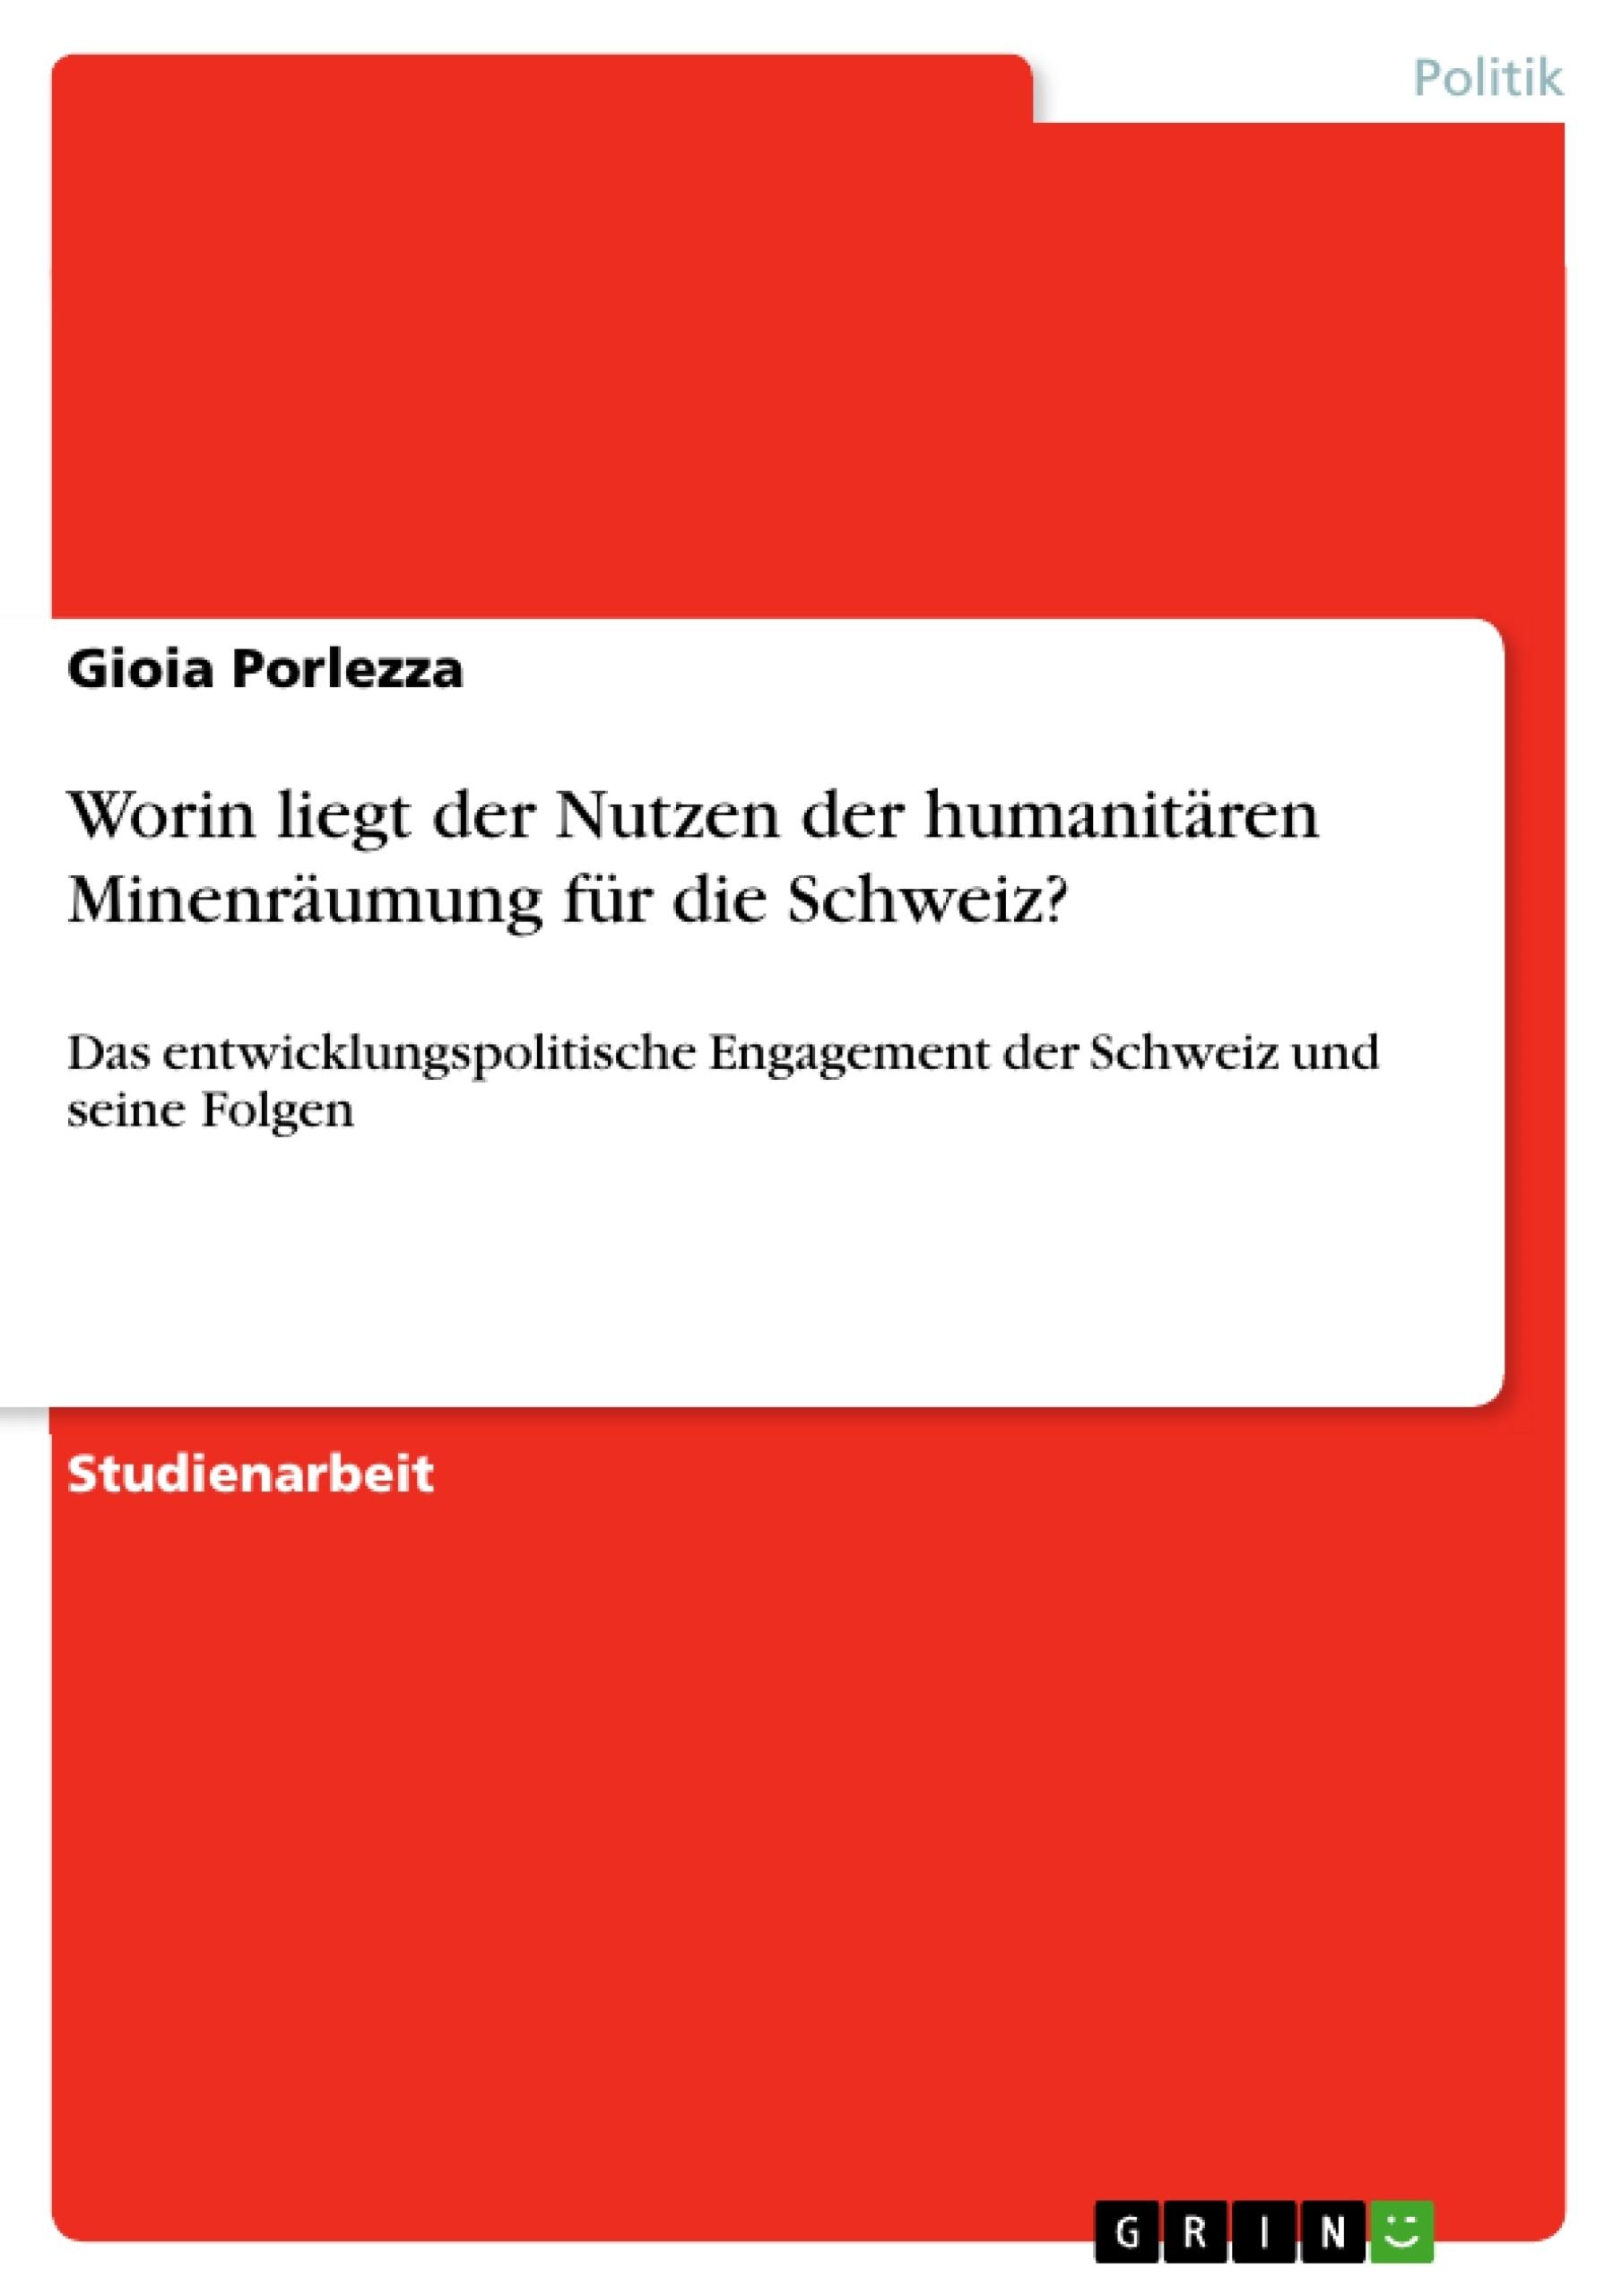 Titel: Worin liegt der Nutzen der humanitären Minenräumung für die Schweiz?